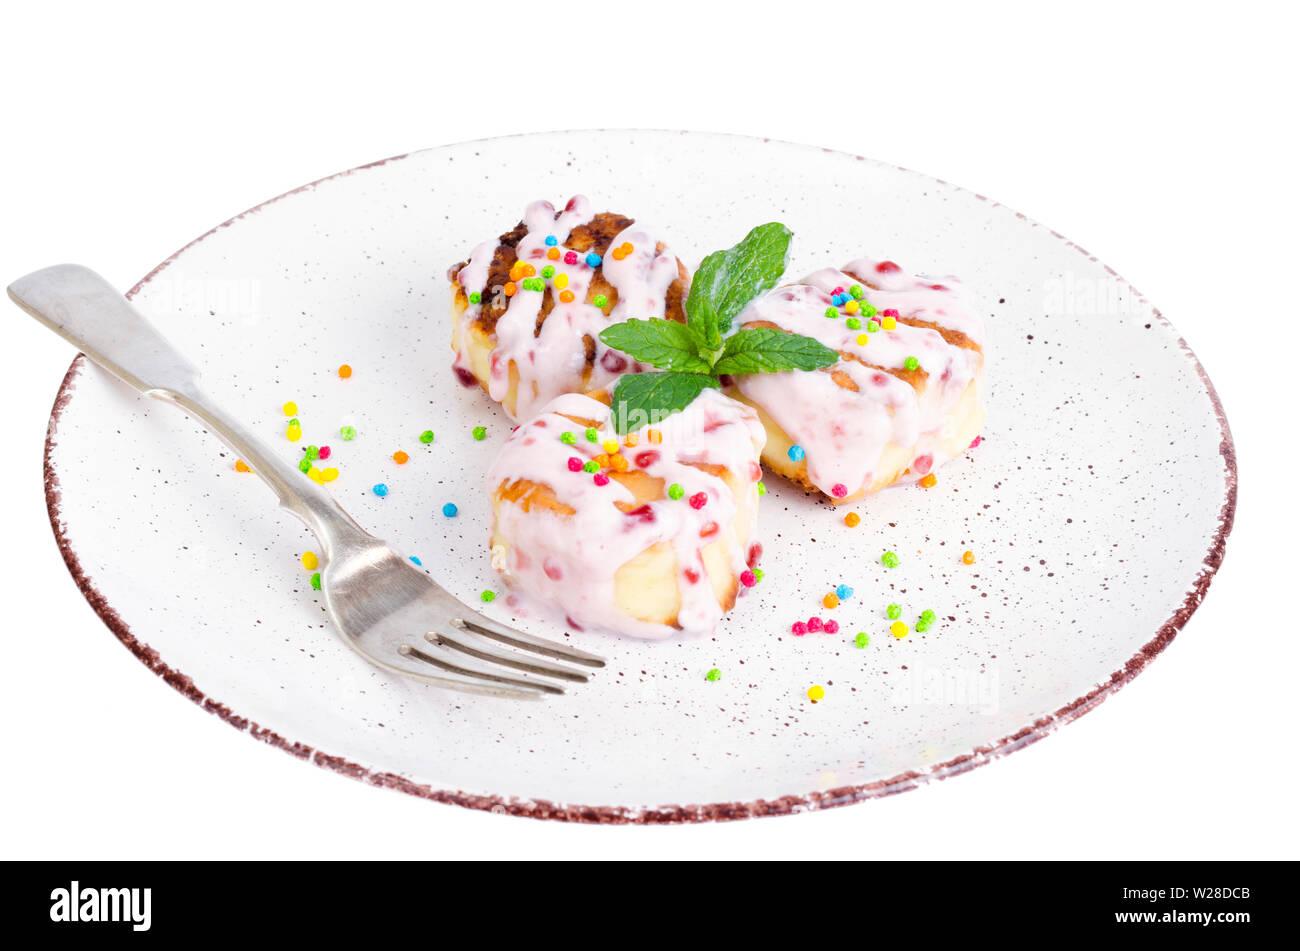 Dulces tartas de queso cuajada con salsa de frutas. Foto de stock